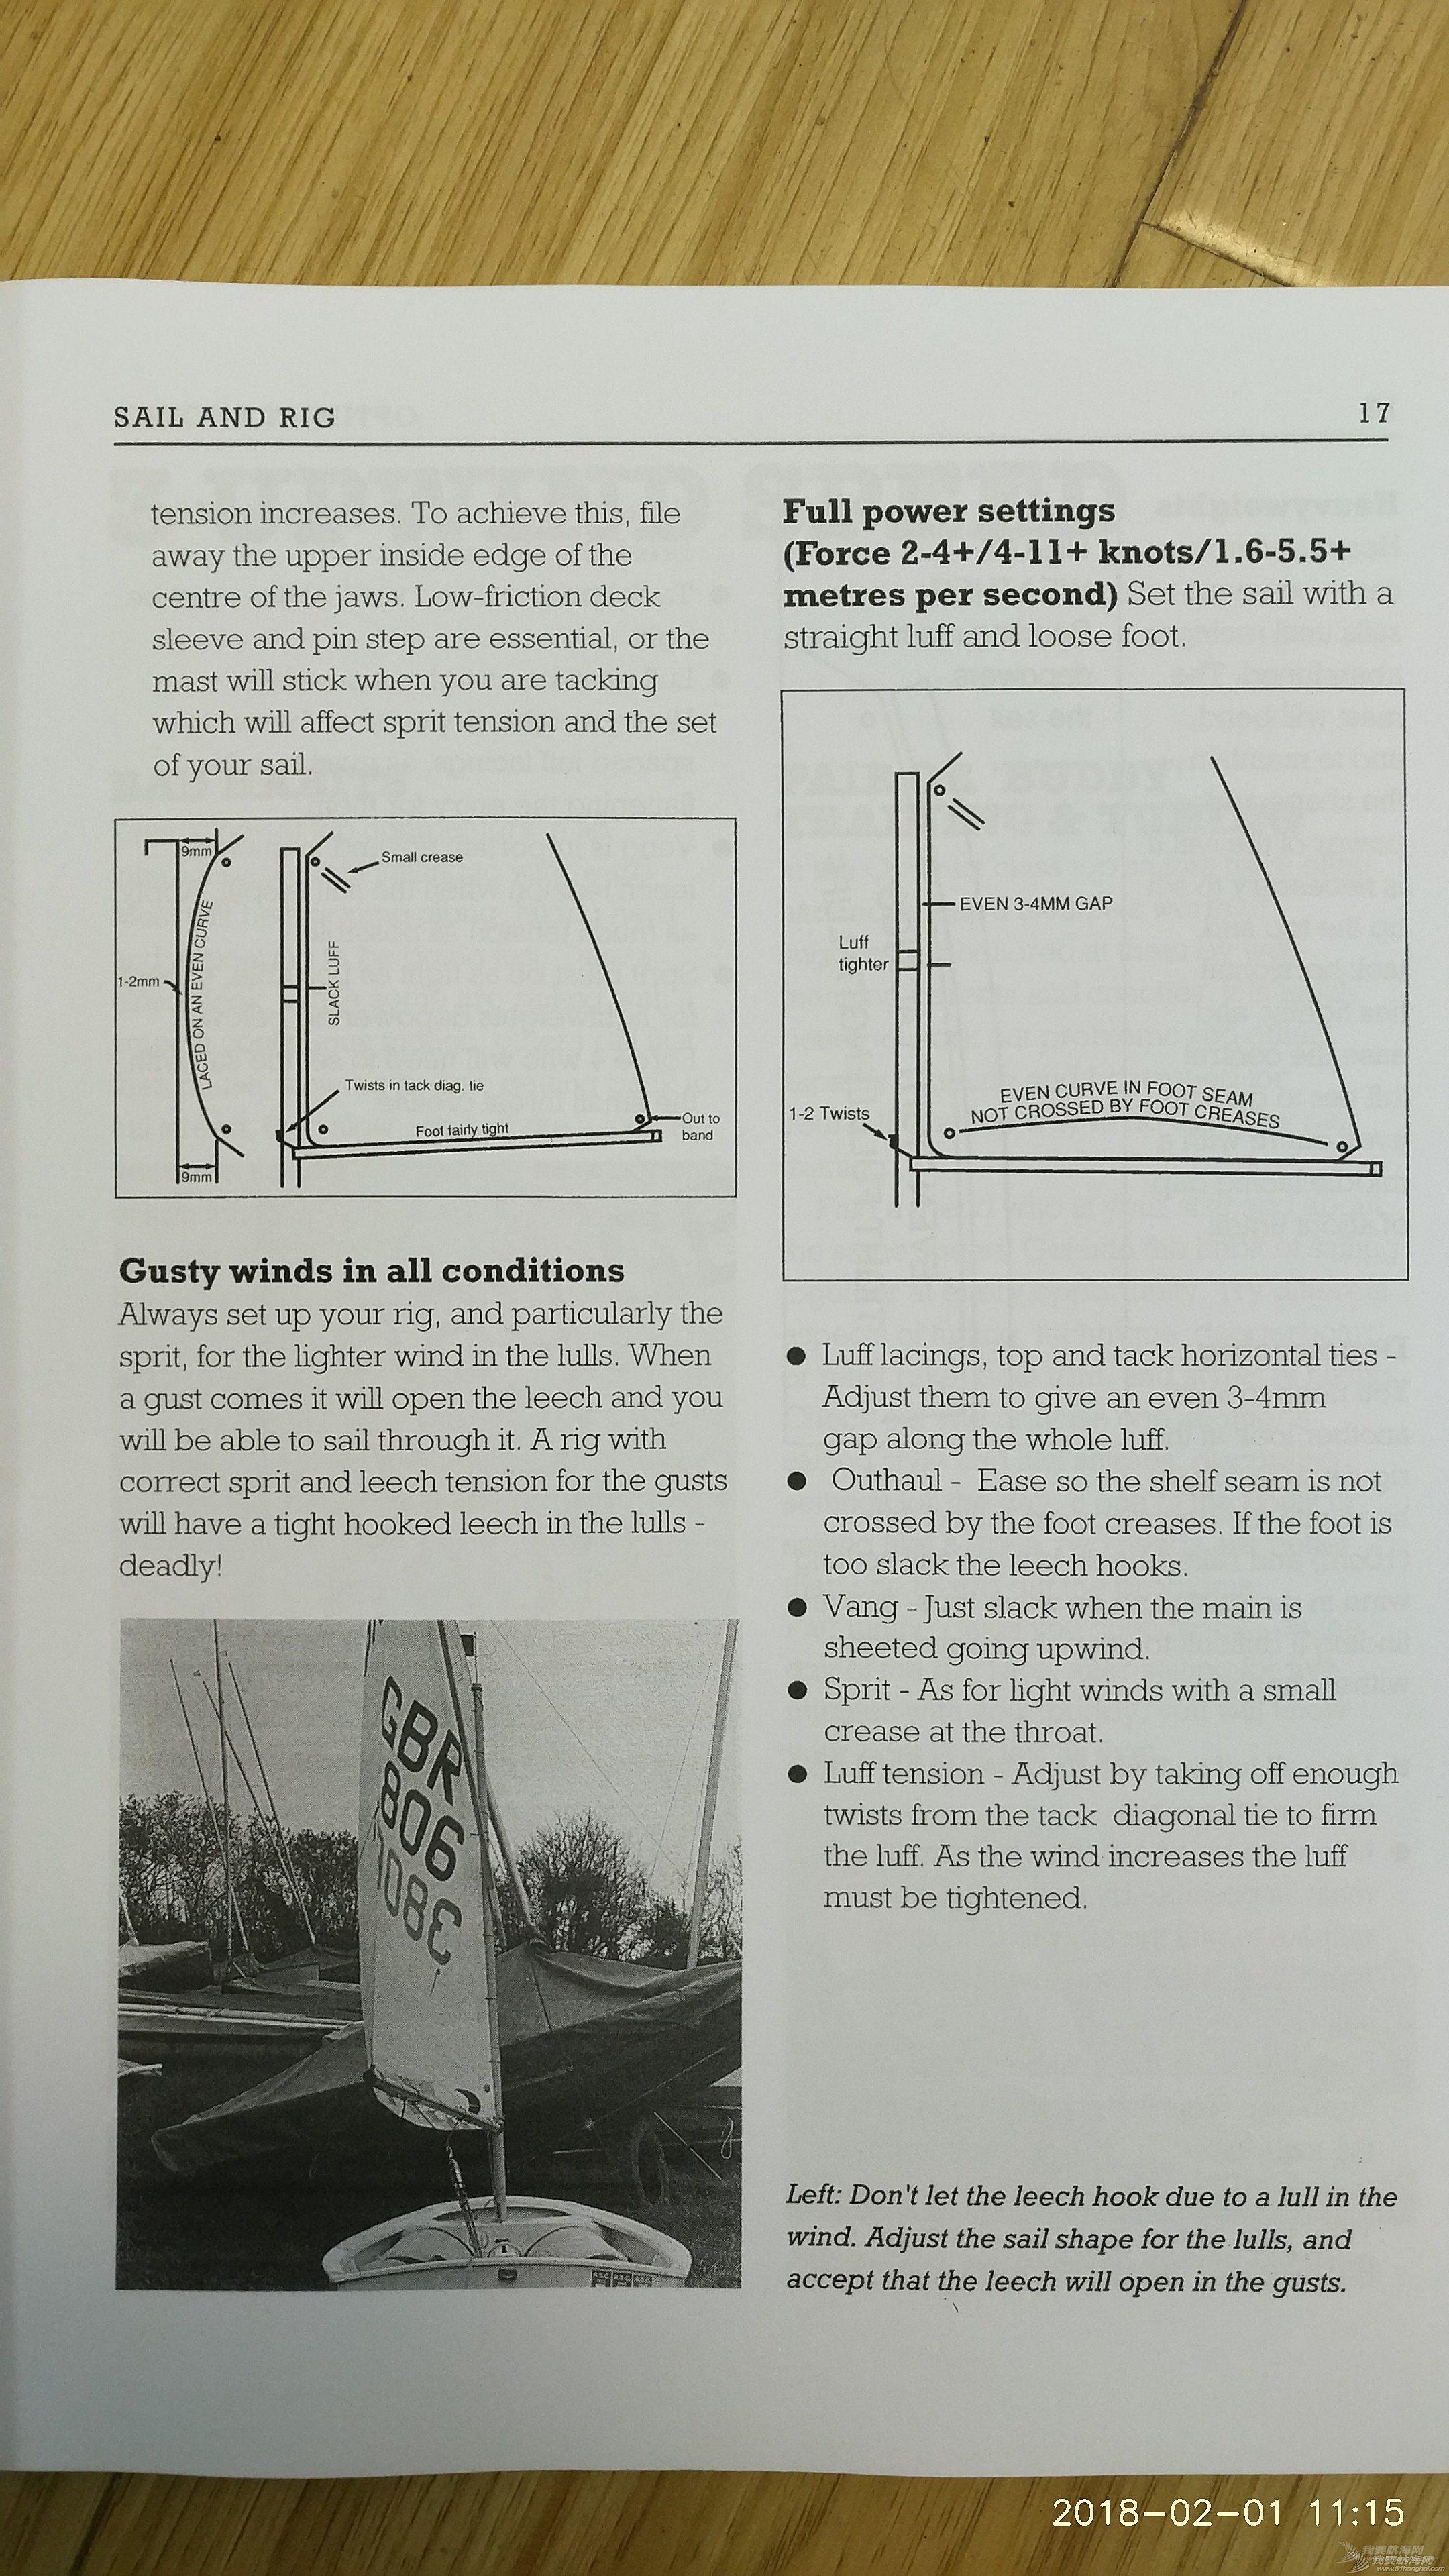 帆形,索具,调整,阵风 《乐观级帆船竞赛手册》---第一部分---2 帆与索具